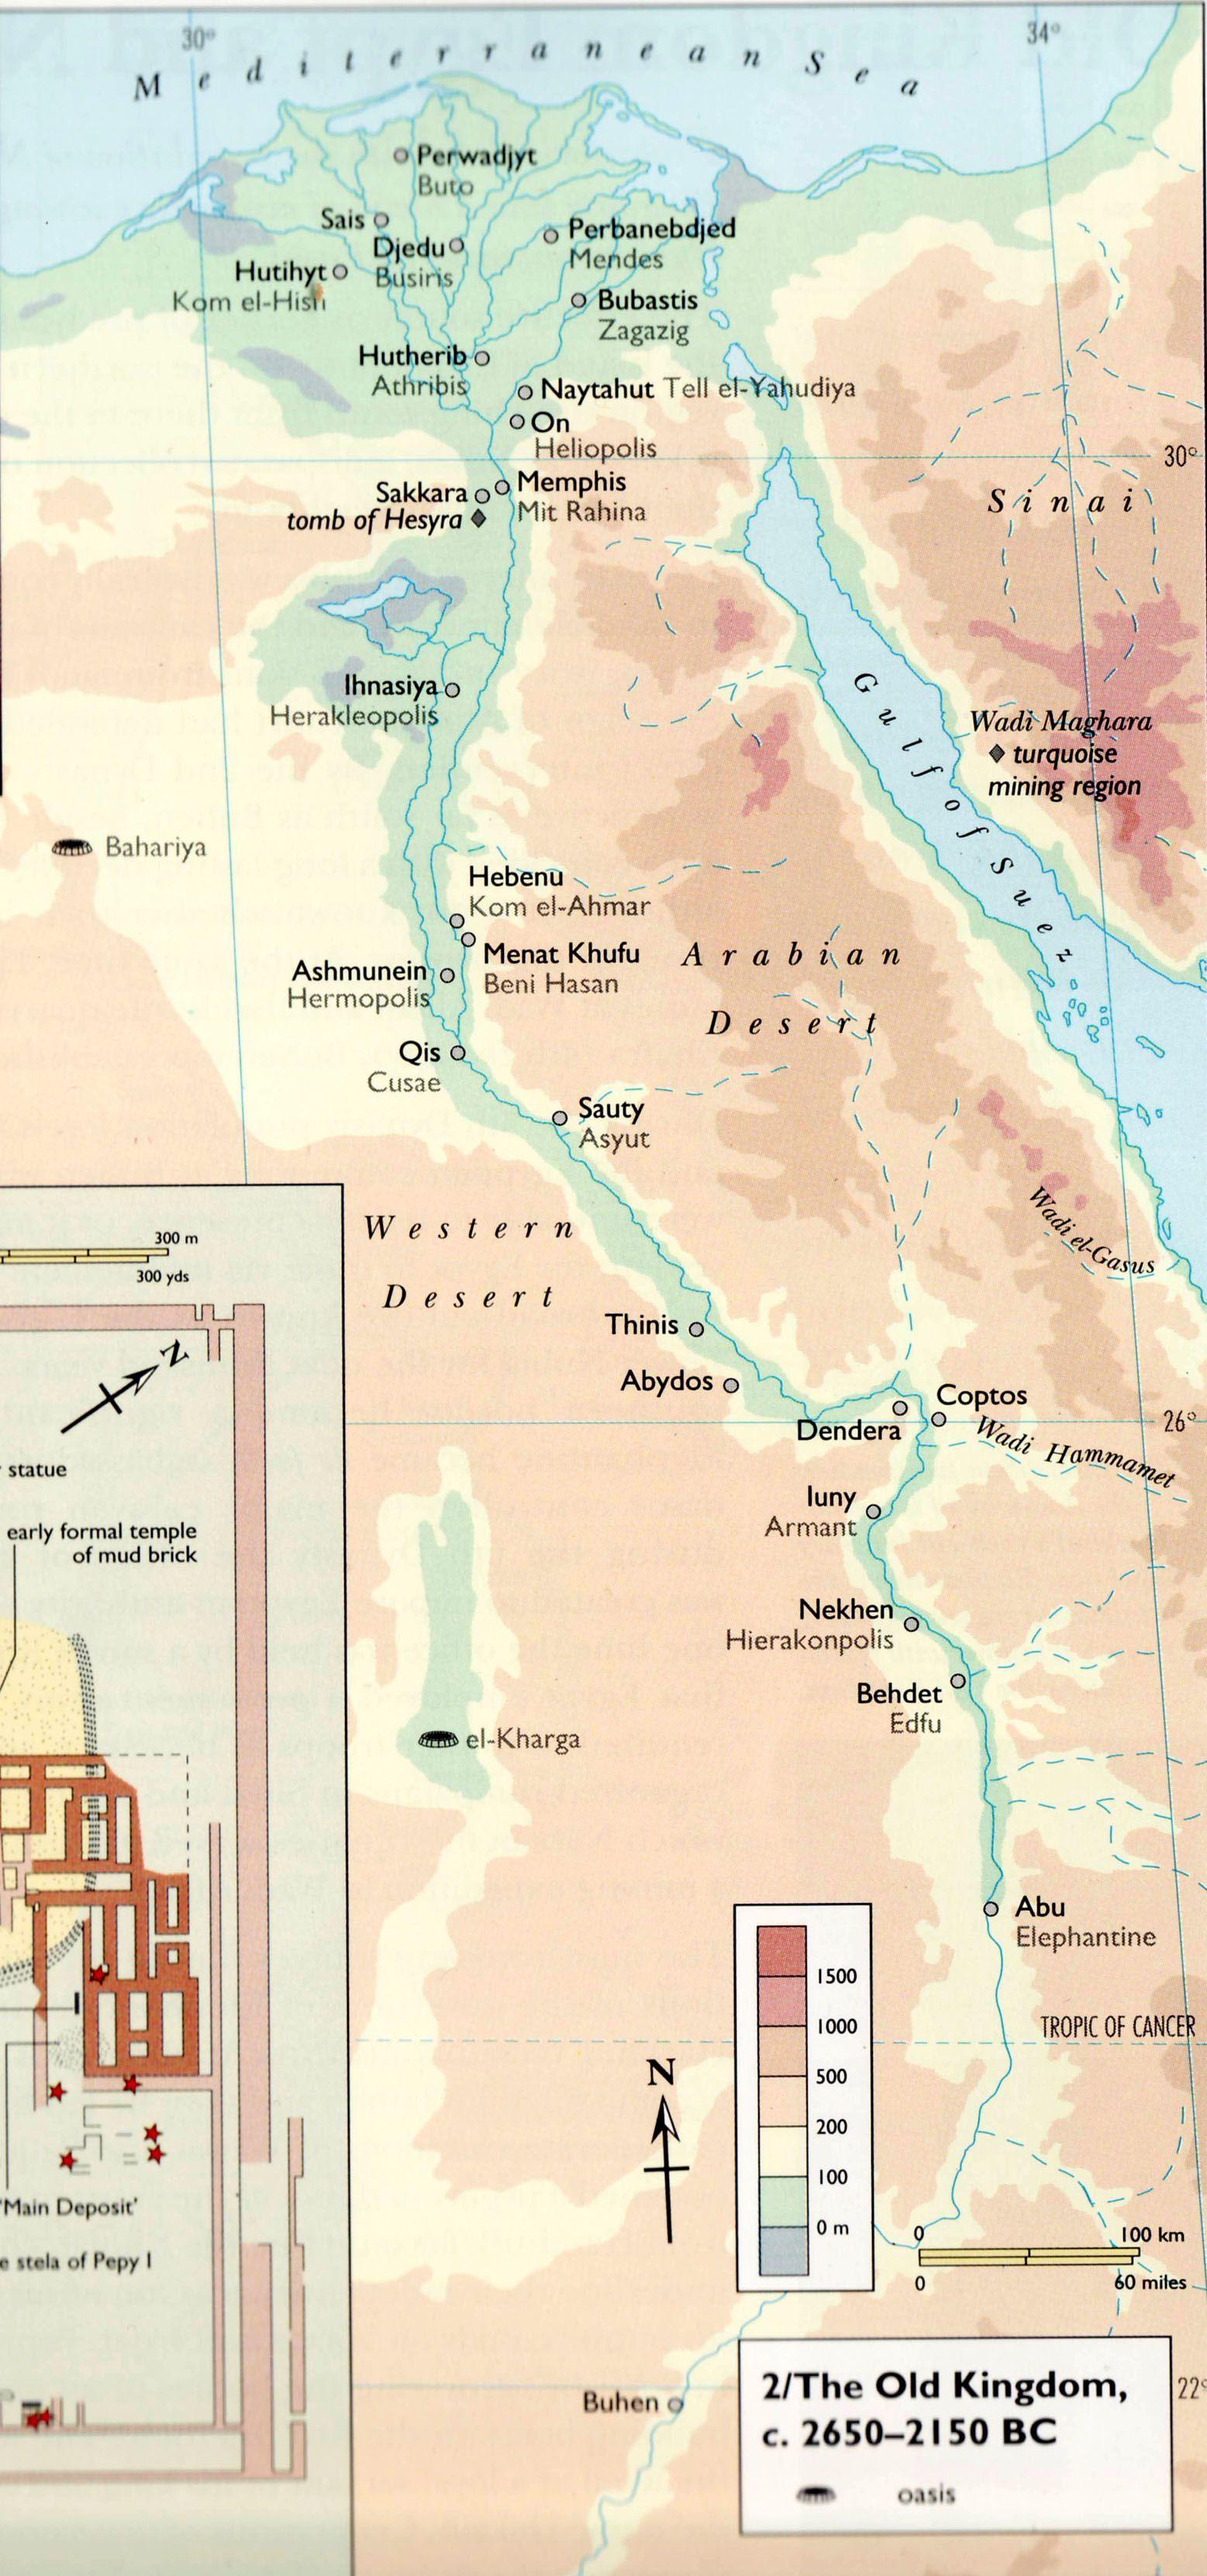 egipat mapa Egipat staro kraljevstvo mapa 2 | Ancient Egypt | Pinterest  egipat mapa